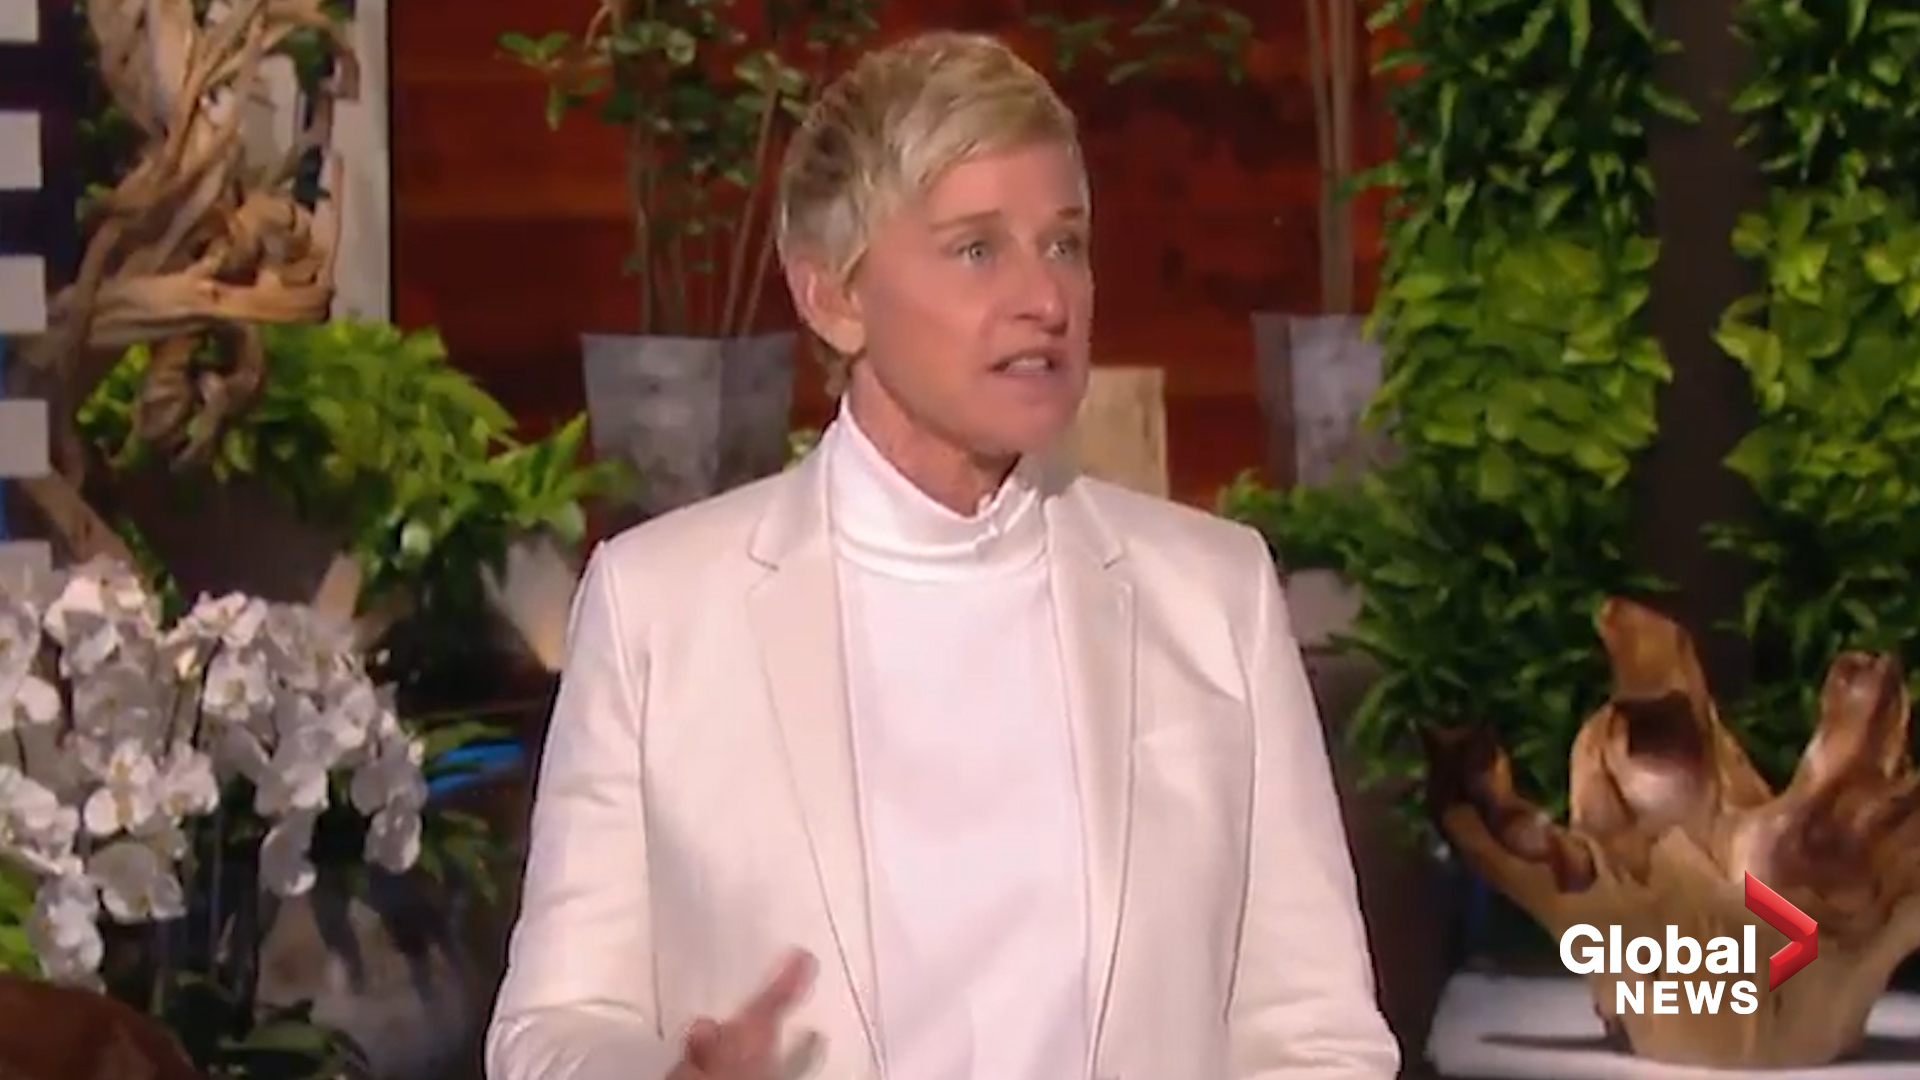 Ellen DeGeneres breaks silence on 'toxic' workplace complaints in show's season premiere